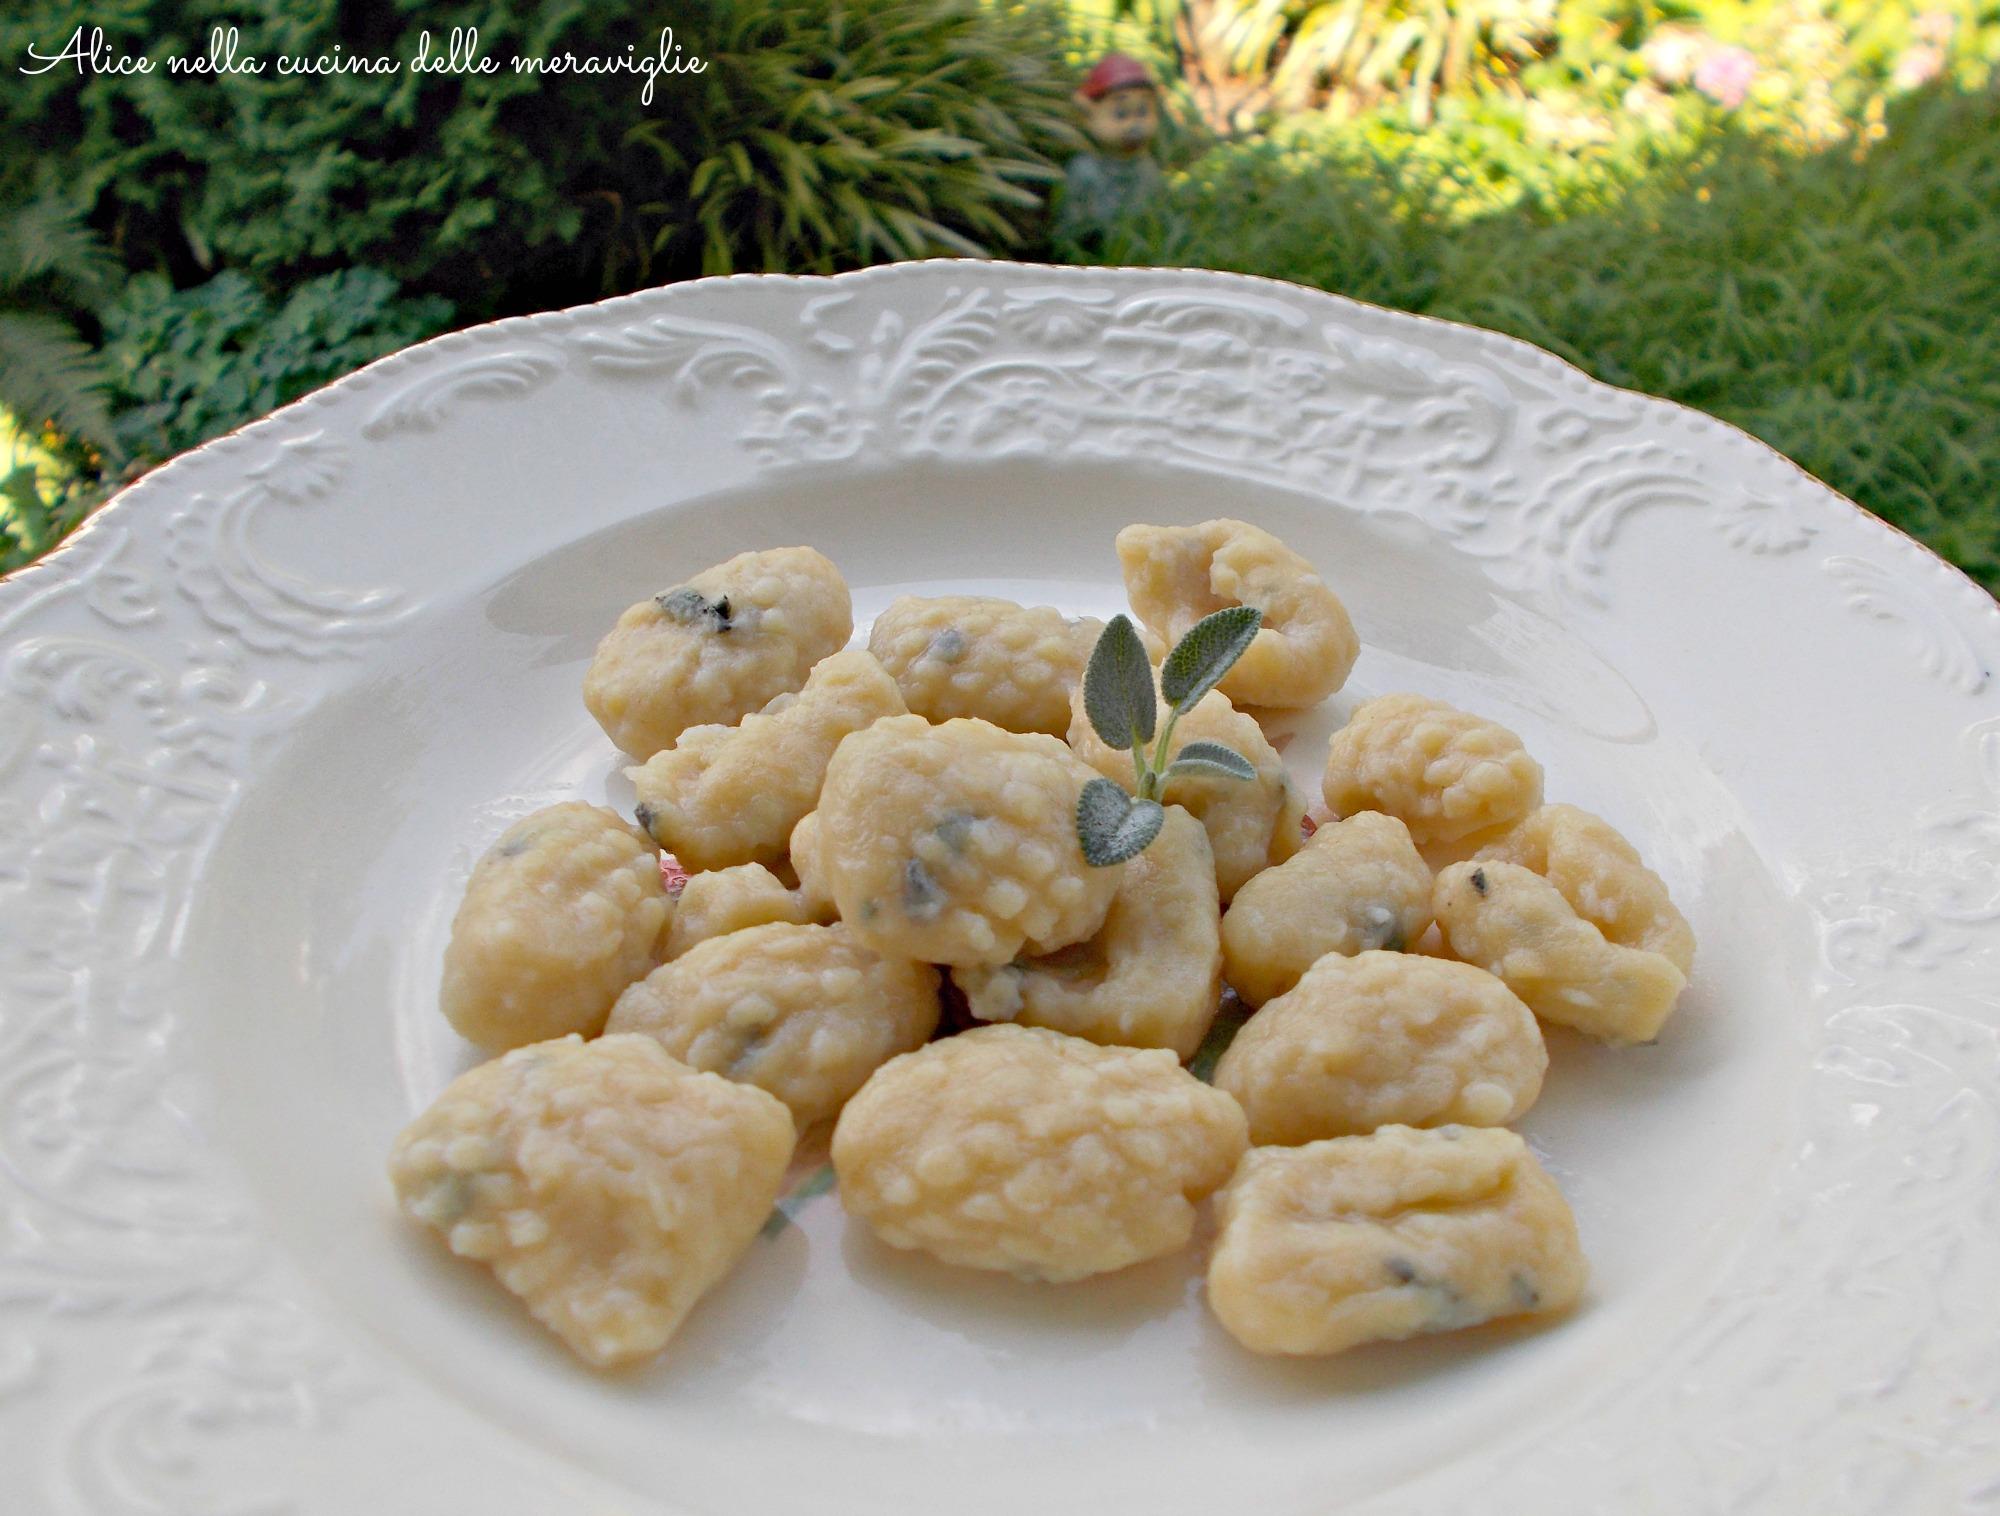 Gnocchi con farina di ceci e salvia Ricetta primo piatto vegano Alice nella cucina delle meraviglie